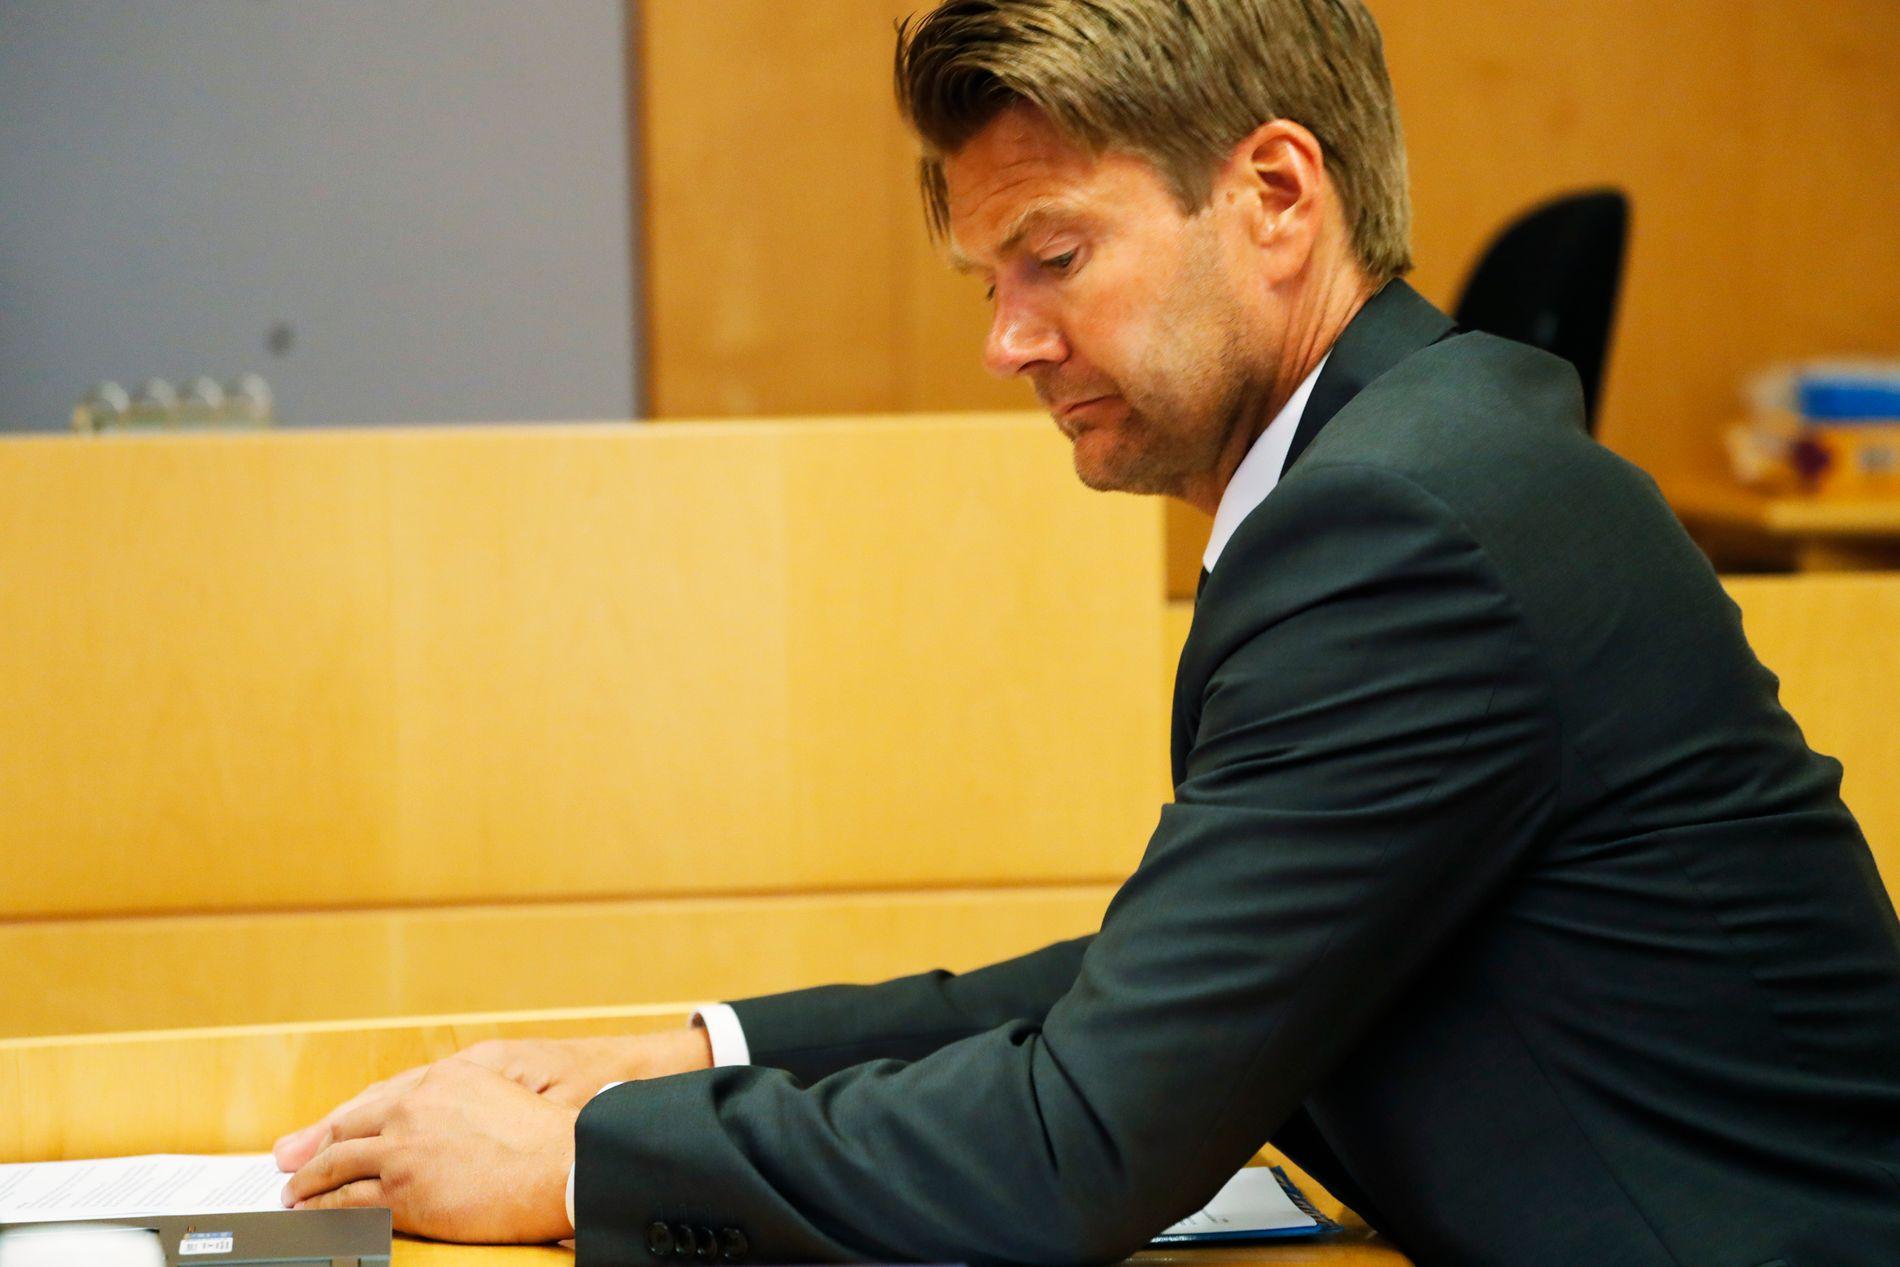 AKTOR: Politiadvokat Christian Hatlo i mandagens fengslingsmøte i Oslo tingrett.